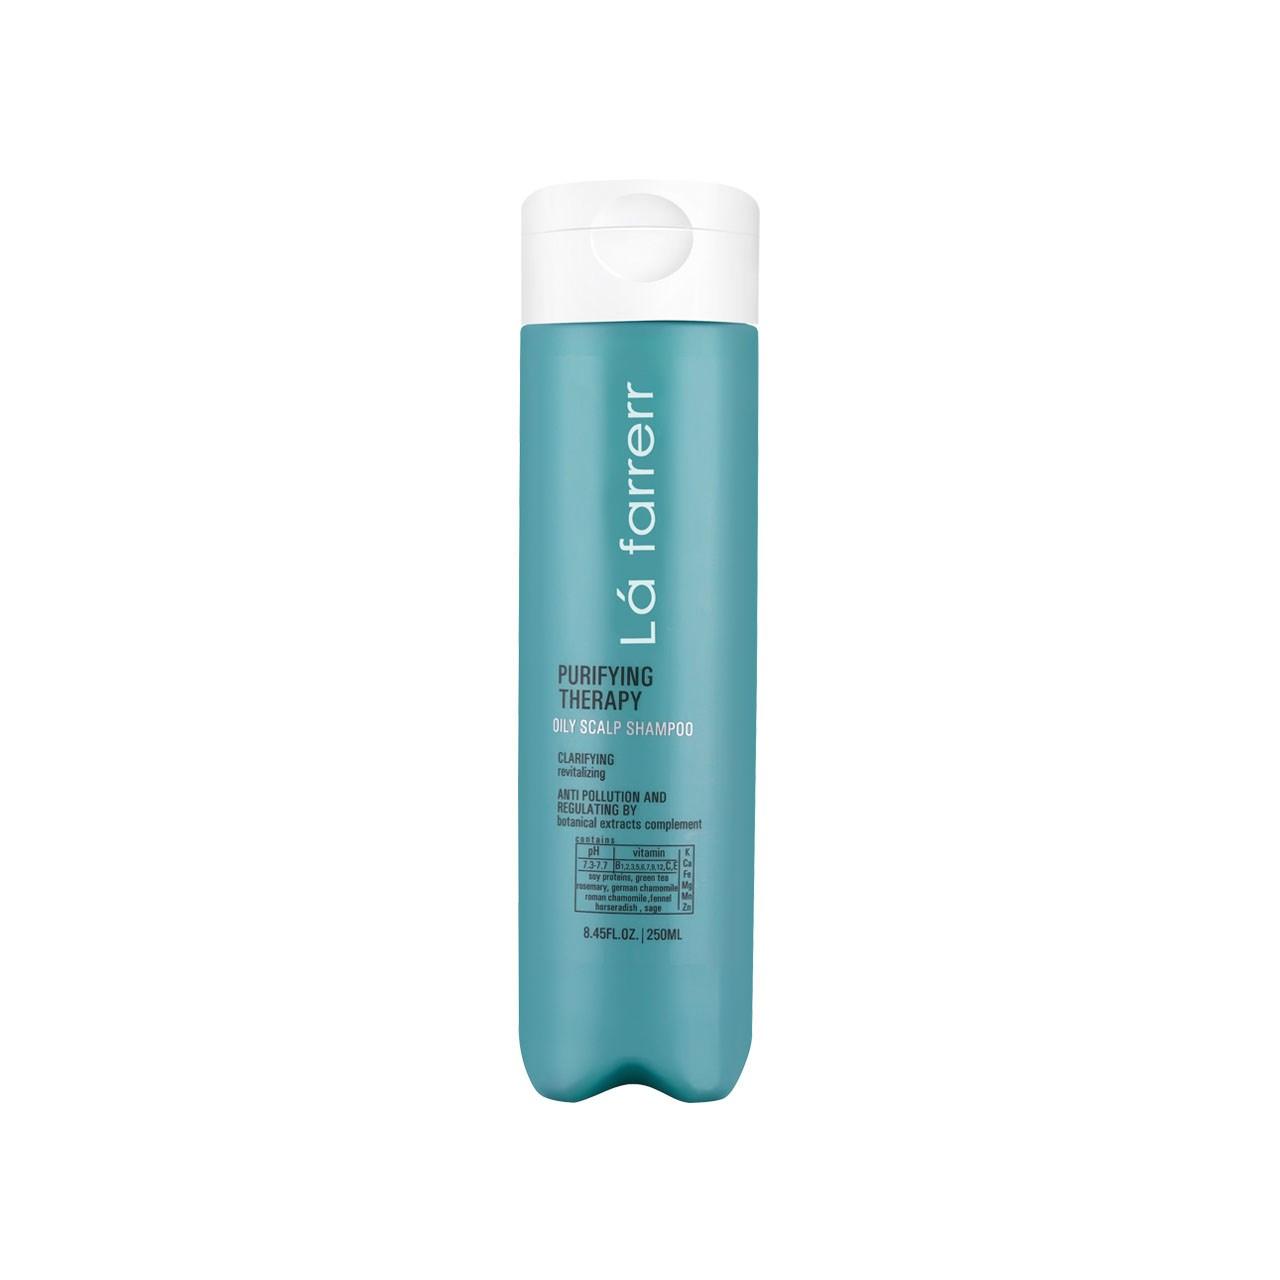 قیمت شامپو کنترل کننده چربی لافارر مخصوص موهای چرب مدل purifying series حجم  250 میلی لیتر